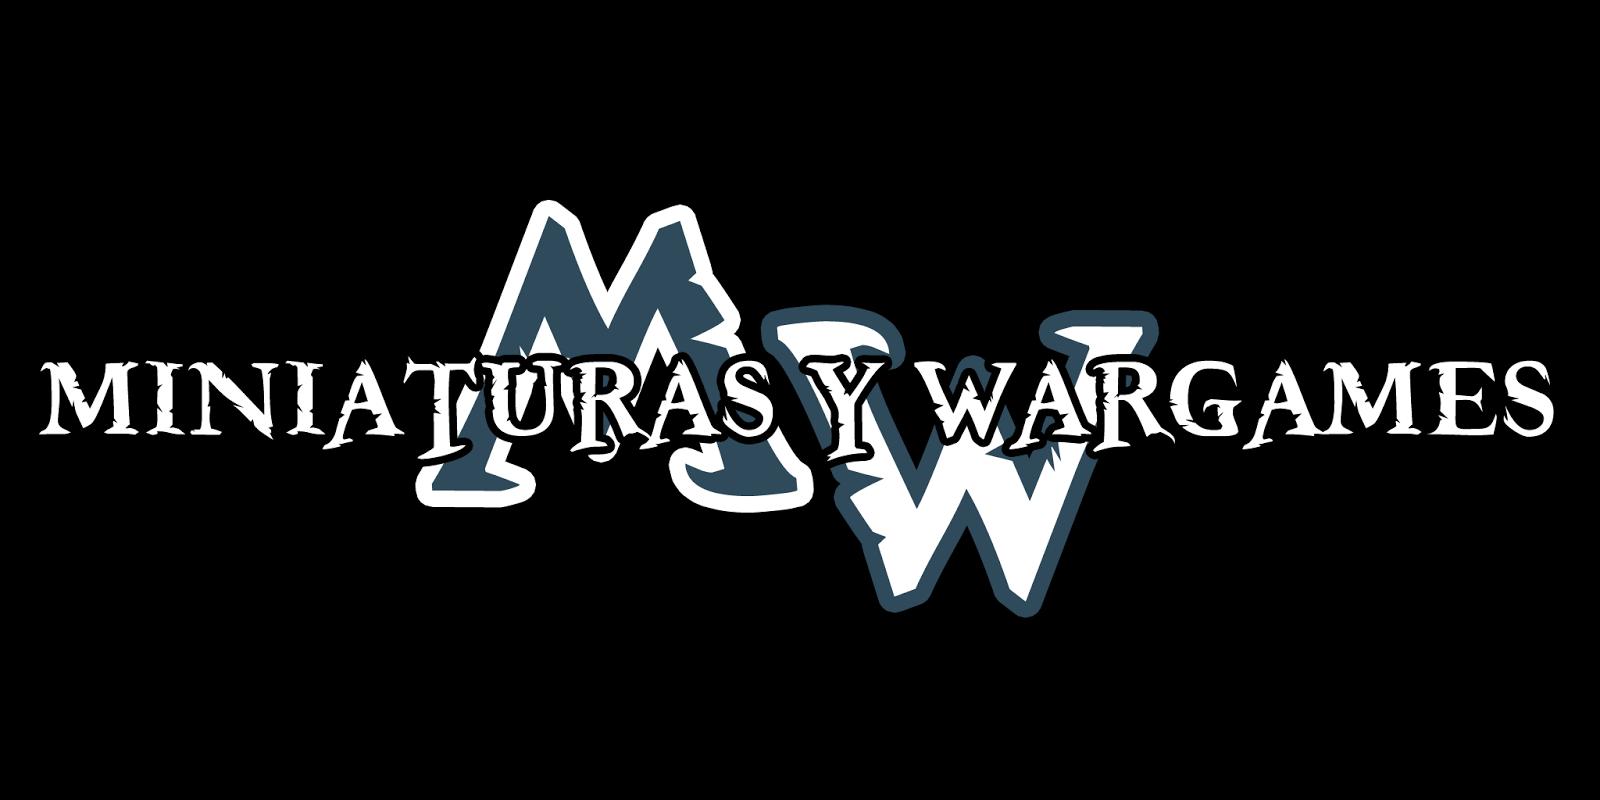 Miniaturas y Wargames